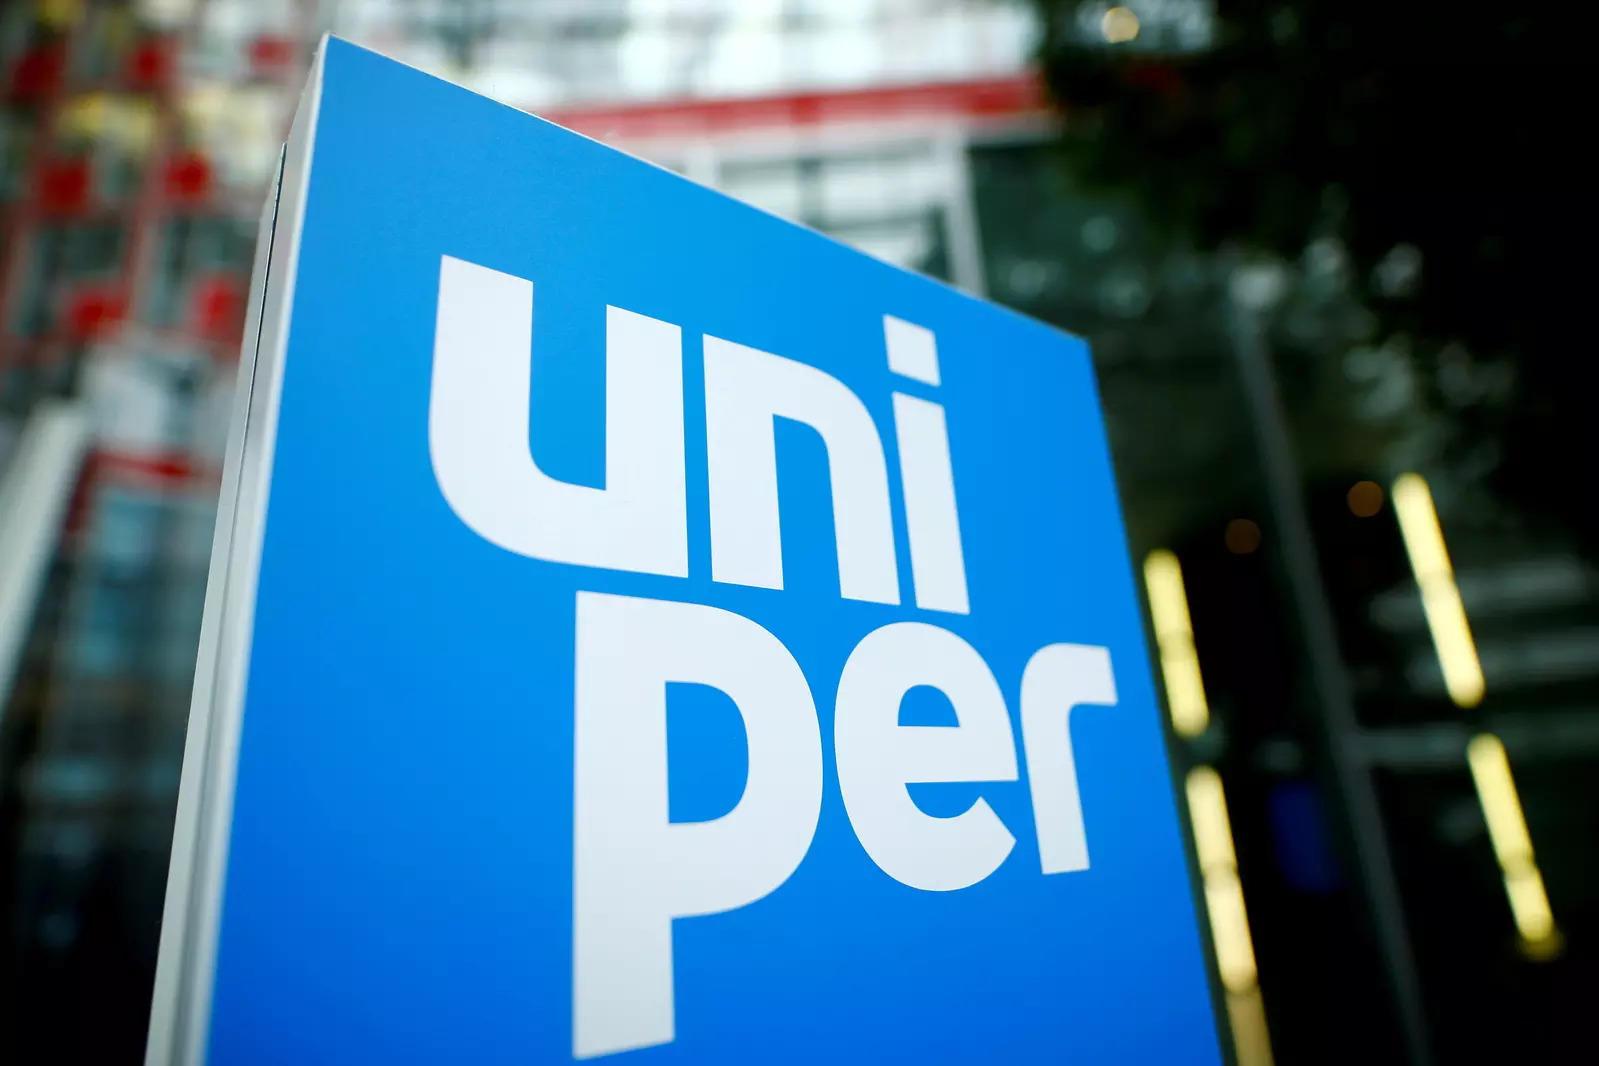 कार्य परिषद के प्रमुख का कहना है कि जर्मन उपयोगिता यूनिपर 1,200 नौकरियों में कटौती कर सकती है